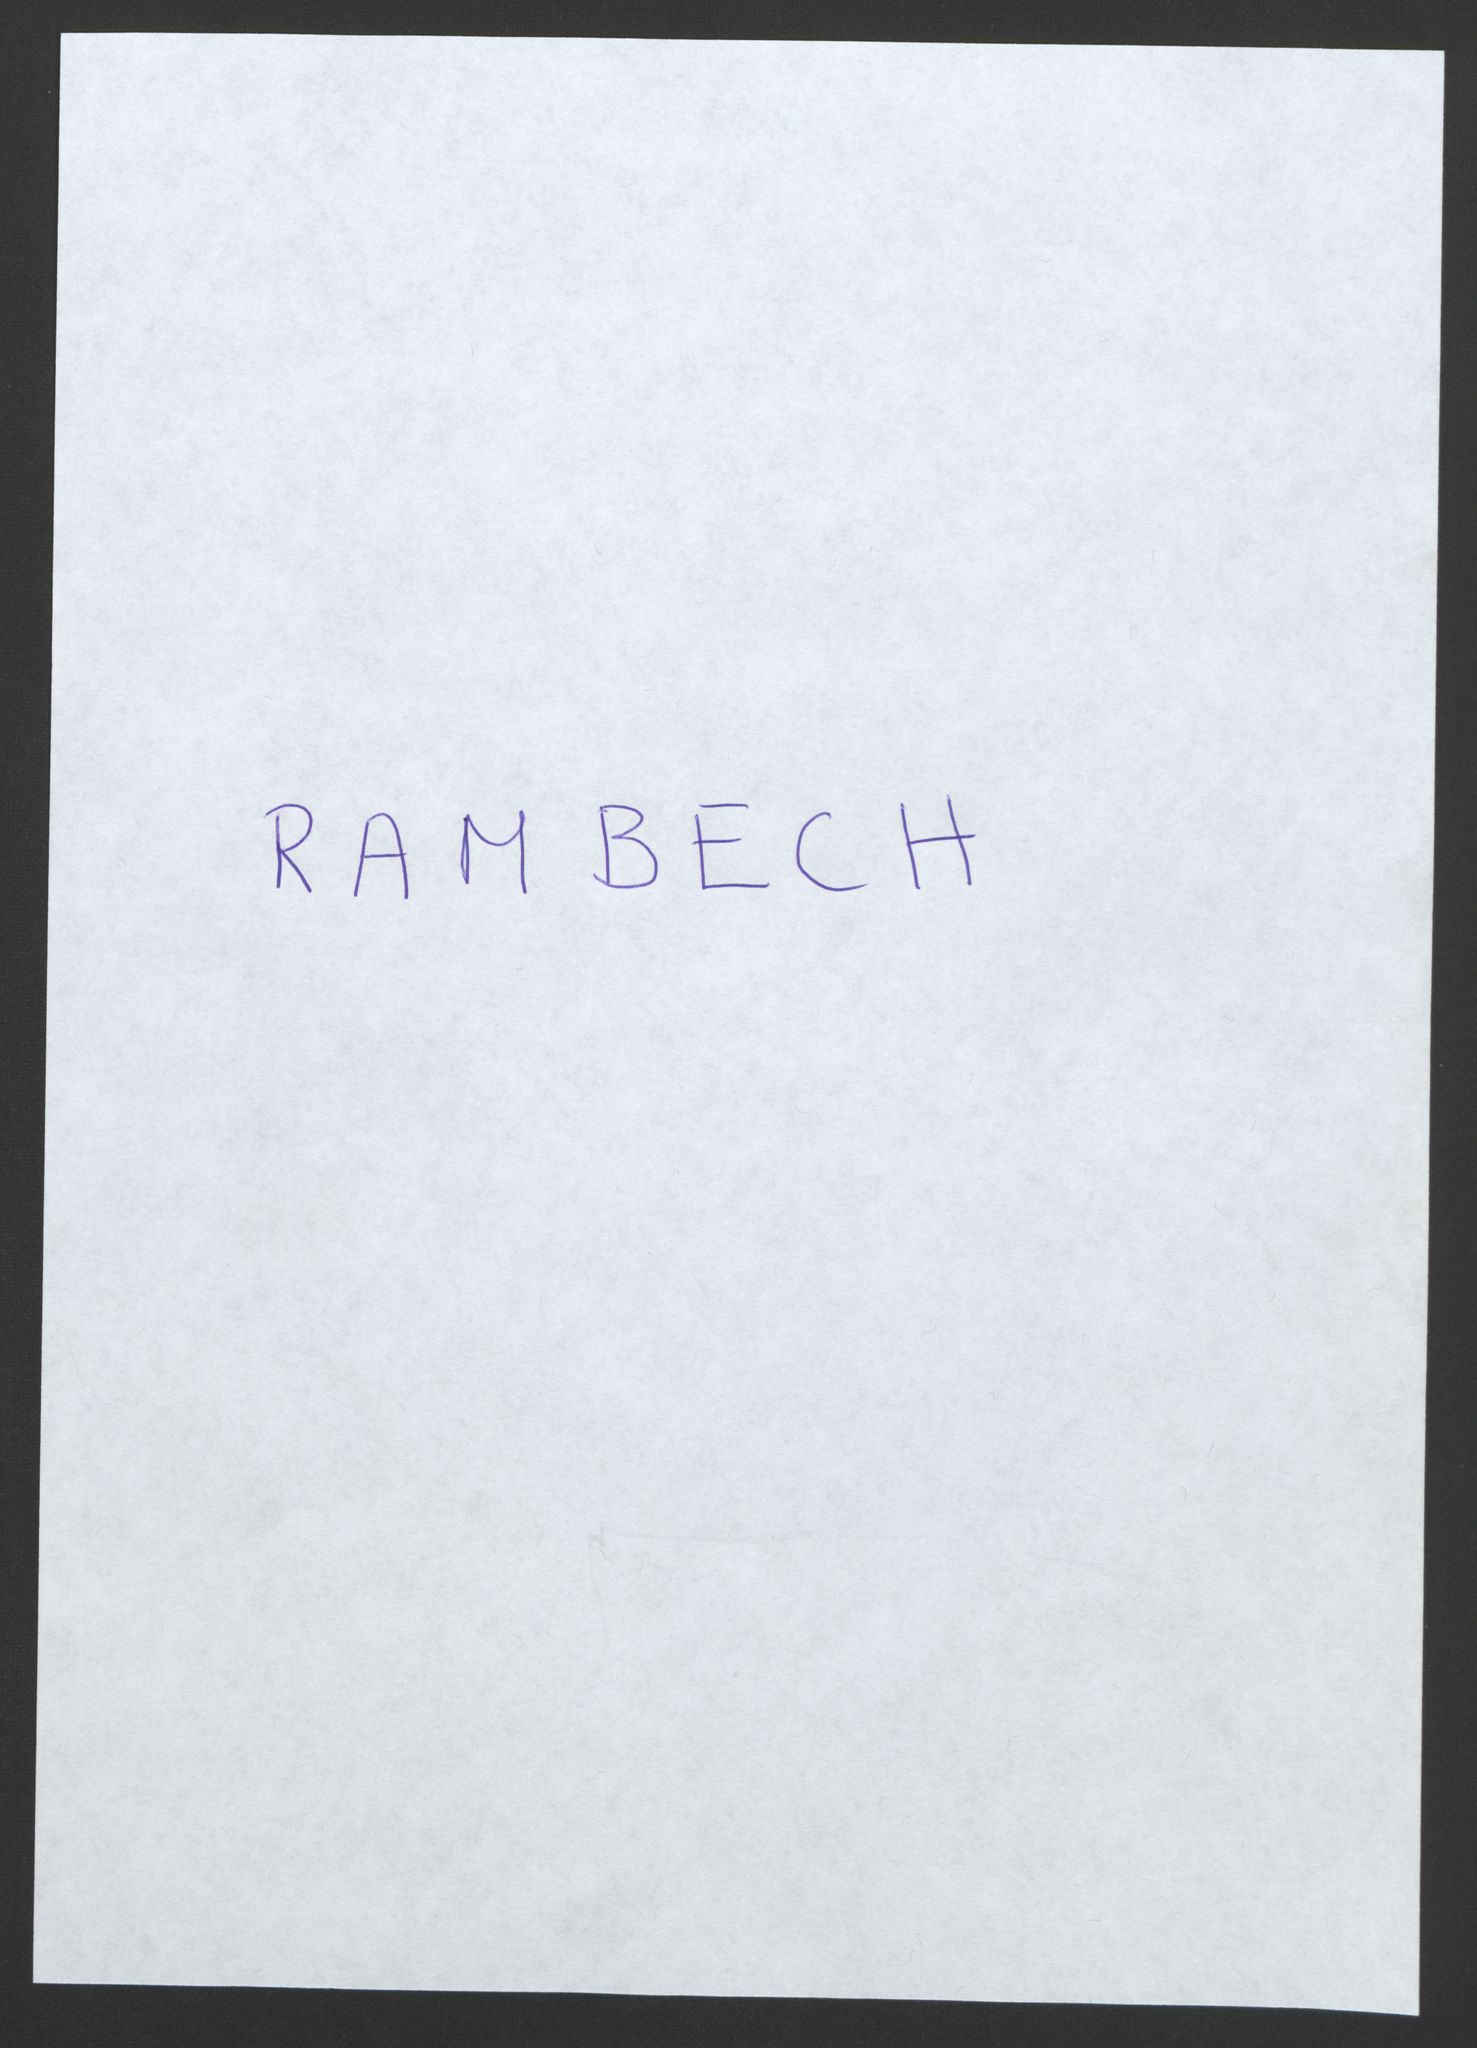 RA, Bergwitz, Johan Kielland, F/Fb/L0007, s. 2